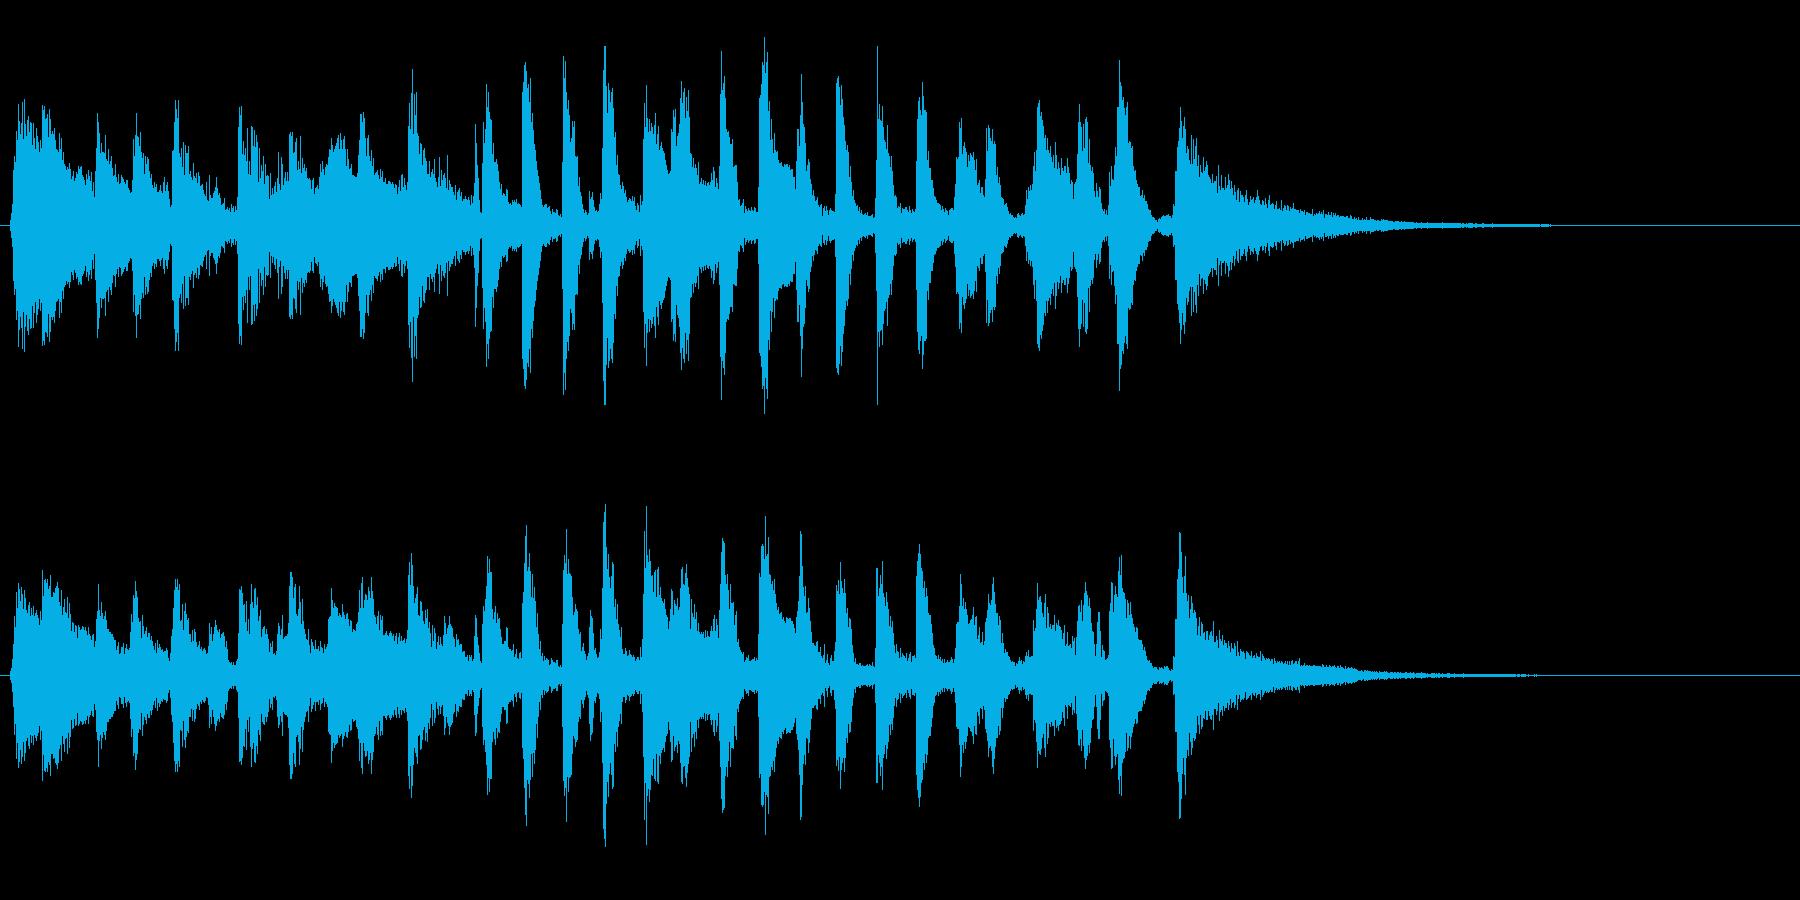 生演奏ジングル暗めラグタイムピアノジャズの再生済みの波形